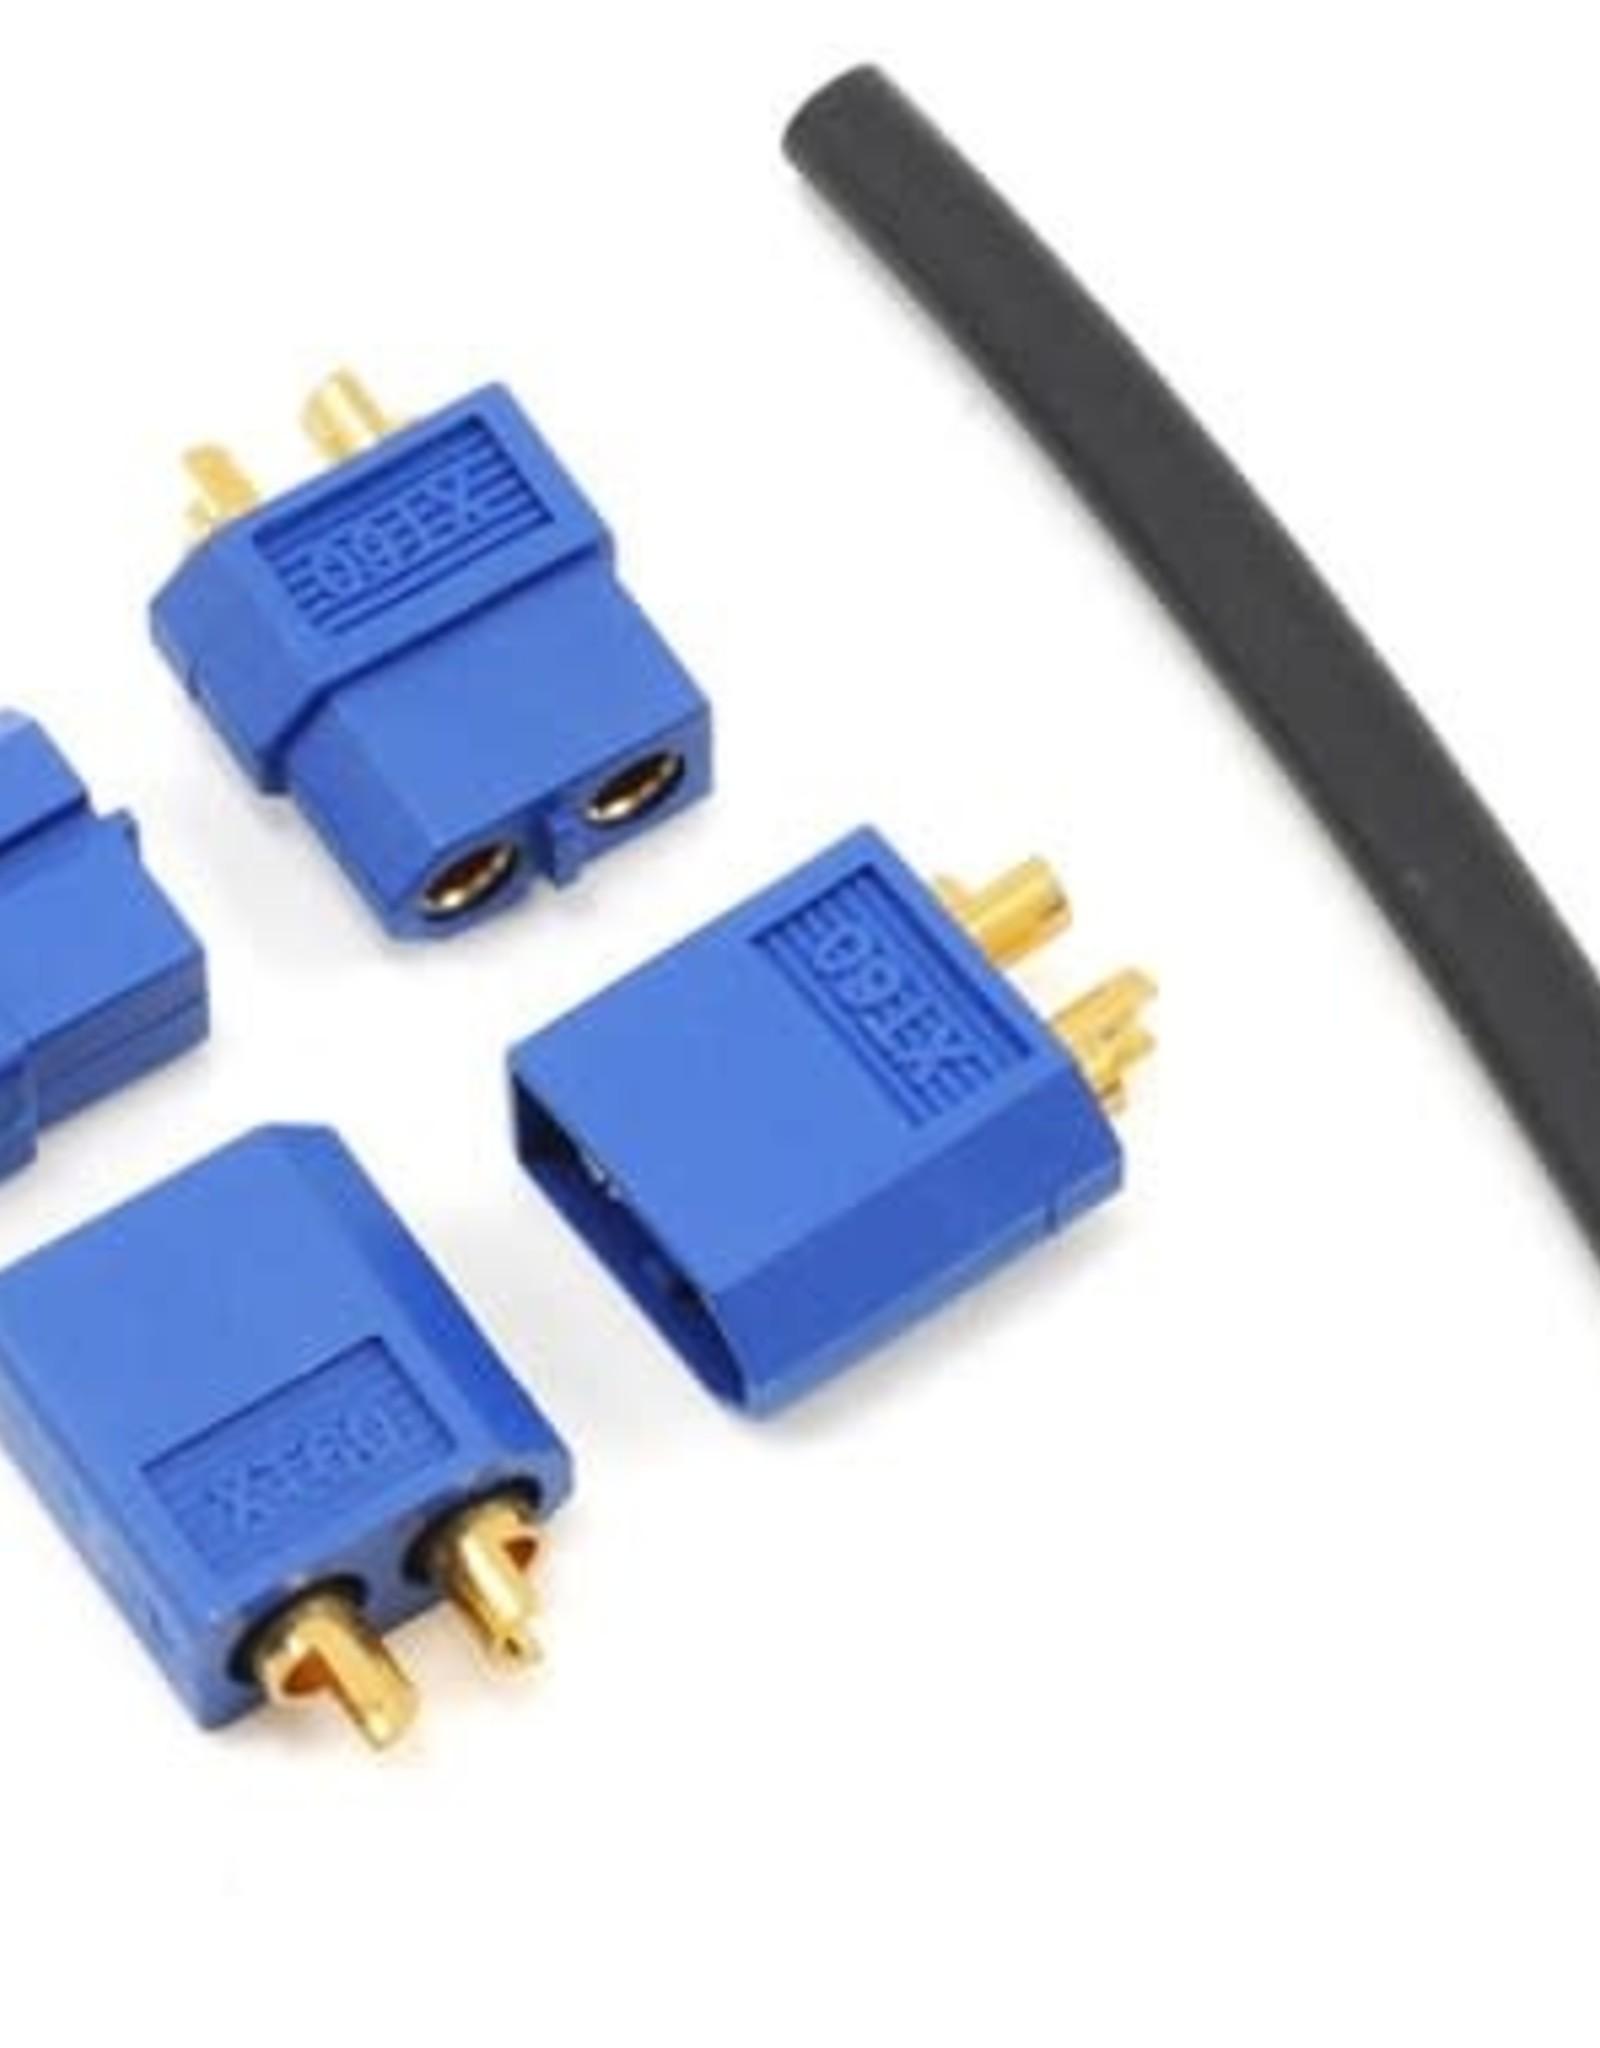 """Protek RC ProTek RC 3.5mm """"TruCurrent"""" XT60 Polarized Connectors (2 Male/2 Female)"""